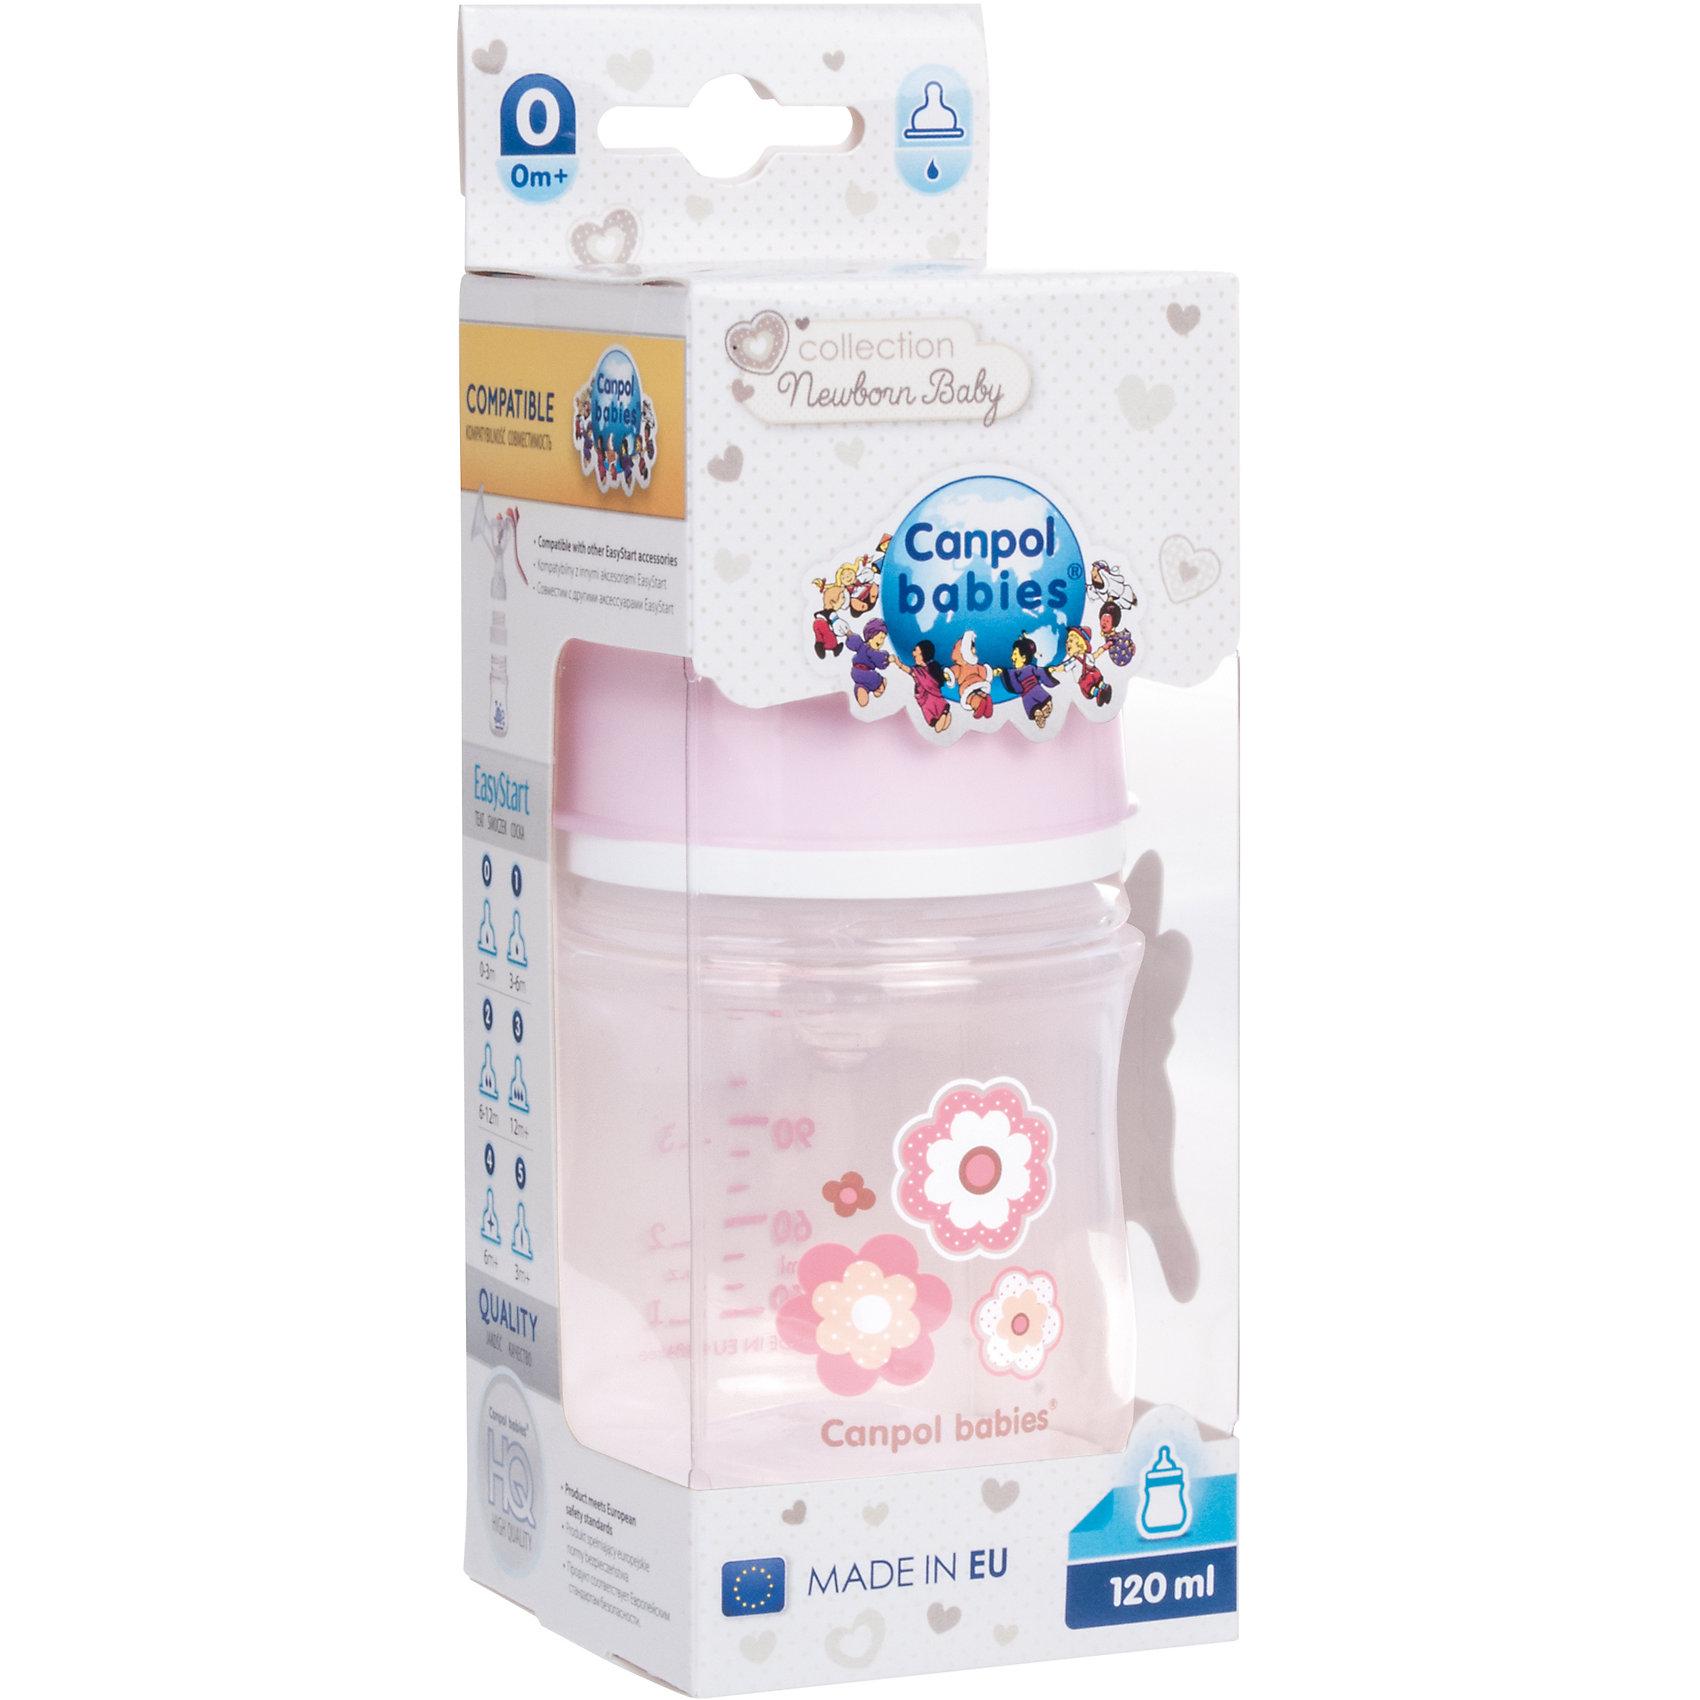 Бутылочка PP EasyStart с широким горлышком антиколиковая, 120 мл, 0+ Newborn baby, Canpol Babies, розовыйБутылочка PP EasyStart с широким горлышком антиколиковая, 120 мл, 0+ Newborn baby, Canpol Babies (Канпол Бейби), розовый.<br><br>Характеристики: <br><br>• Объем бутылочки: 120мл.<br>• Материал бутылочки: полипропилен.<br>• Материал соски: силикон.<br>• Цвет : розовый.<br>• Широкое горлышко.<br>• Антиколиковая. <br><br>Легкая бутылочка предназначена для использования с рождения.  Долговечная, безопасная бутылочка соответствует самым высоким стандартам качества. Оснащена силиконовой антиколиковой соской медленного потока (0+ м). Эффективная система вентиляции, которая позволяет уменьшить риск появления коликов. Специальная форма соски максимально приближена к форме материнской груди, что позволяет наиболее оптимально использовать ее для смешанного кормления ребенка. Широкое горлышко поможет быстро наполнить бутылочку смесью. Такое горлышко позволит легко очистить бутылочку. Точная мерная шкала помогает приготовить питание в точных пропорциях.<br><br>Бутылочку PP EasyStart с широким горлышком антиколиковая, 120 мл, 0+ Newborn baby, Canpol Babies (Канпол Бейбис), розовый  можно купить в нашем интернет- магазине.<br><br>Ширина мм: 64<br>Глубина мм: 64<br>Высота мм: 175<br>Вес г: 630<br>Возраст от месяцев: 0<br>Возраст до месяцев: 12<br>Пол: Женский<br>Возраст: Детский<br>SKU: 5156781